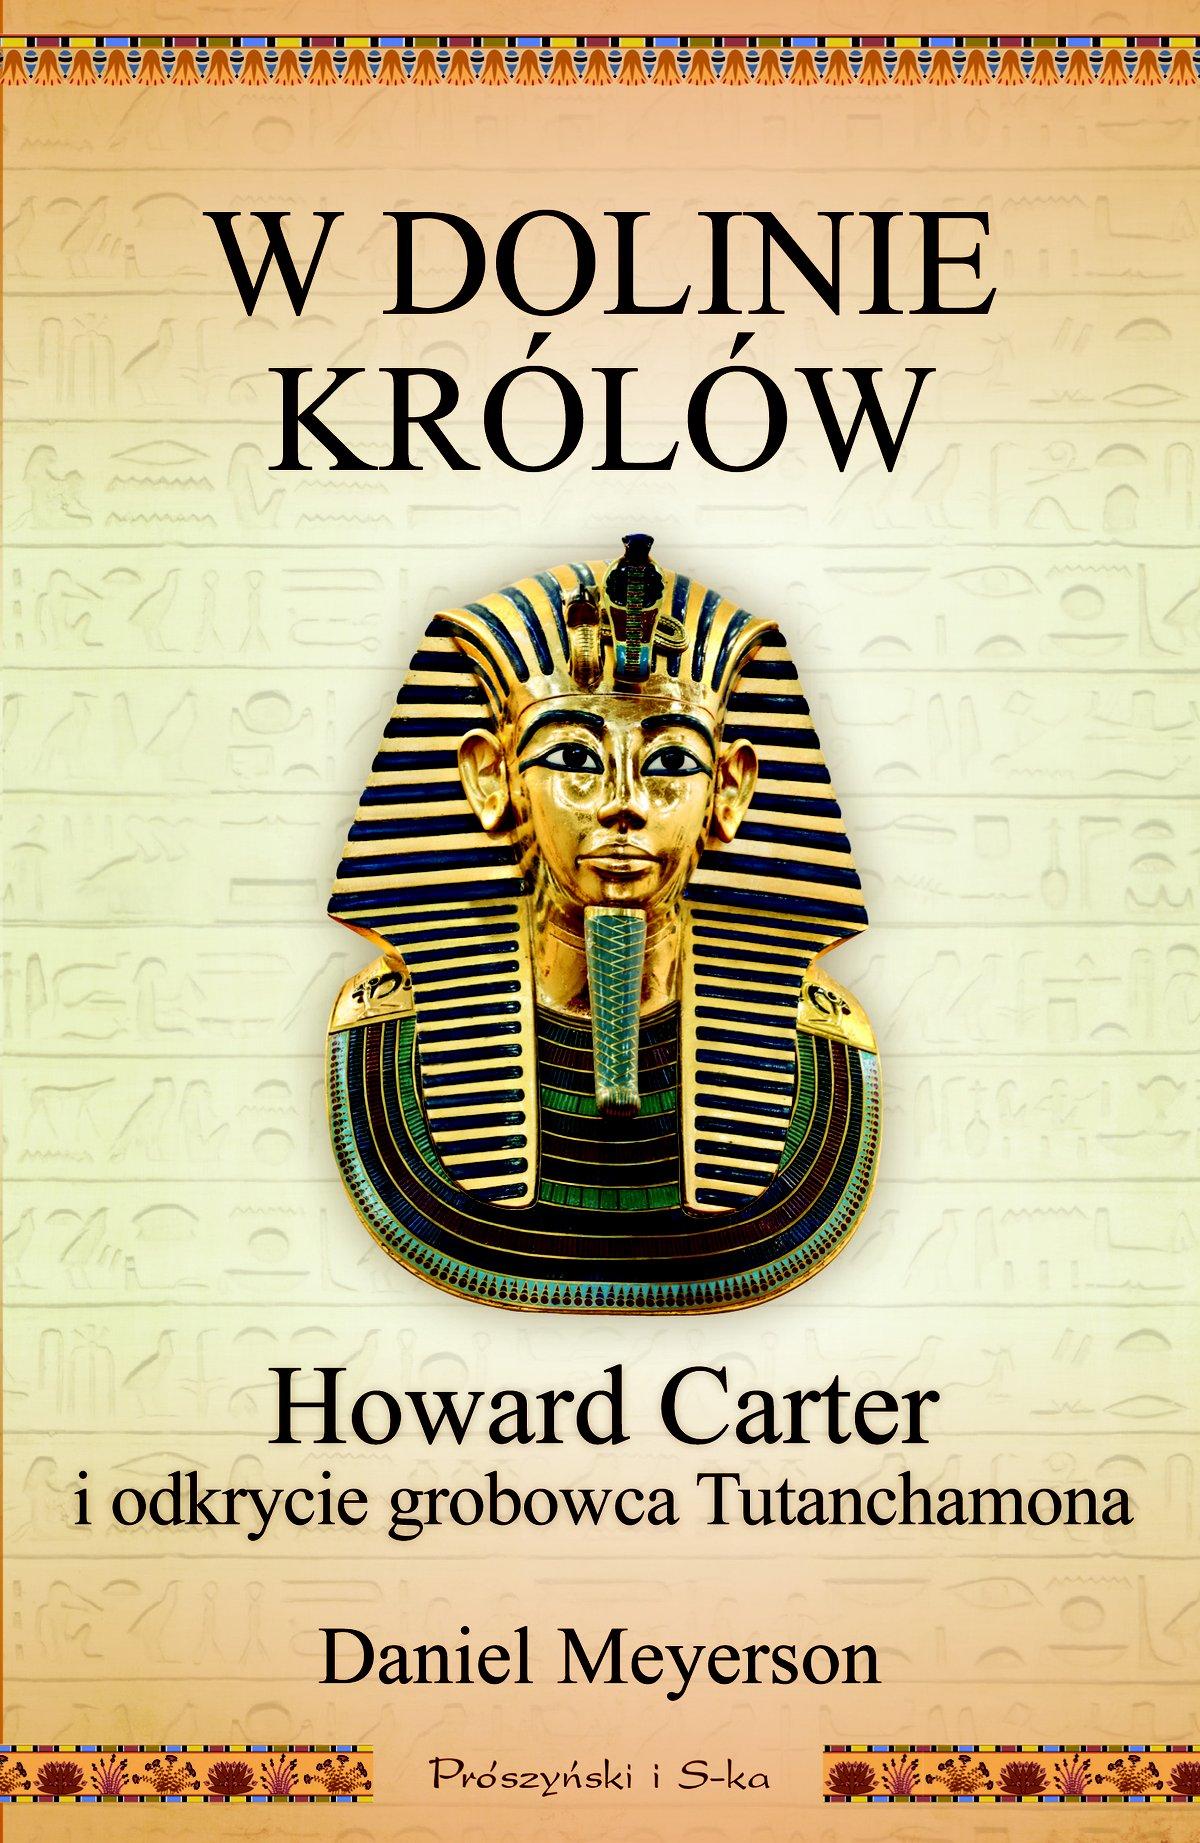 W Dolinie Królów - Ebook (Książka na Kindle) do pobrania w formacie MOBI